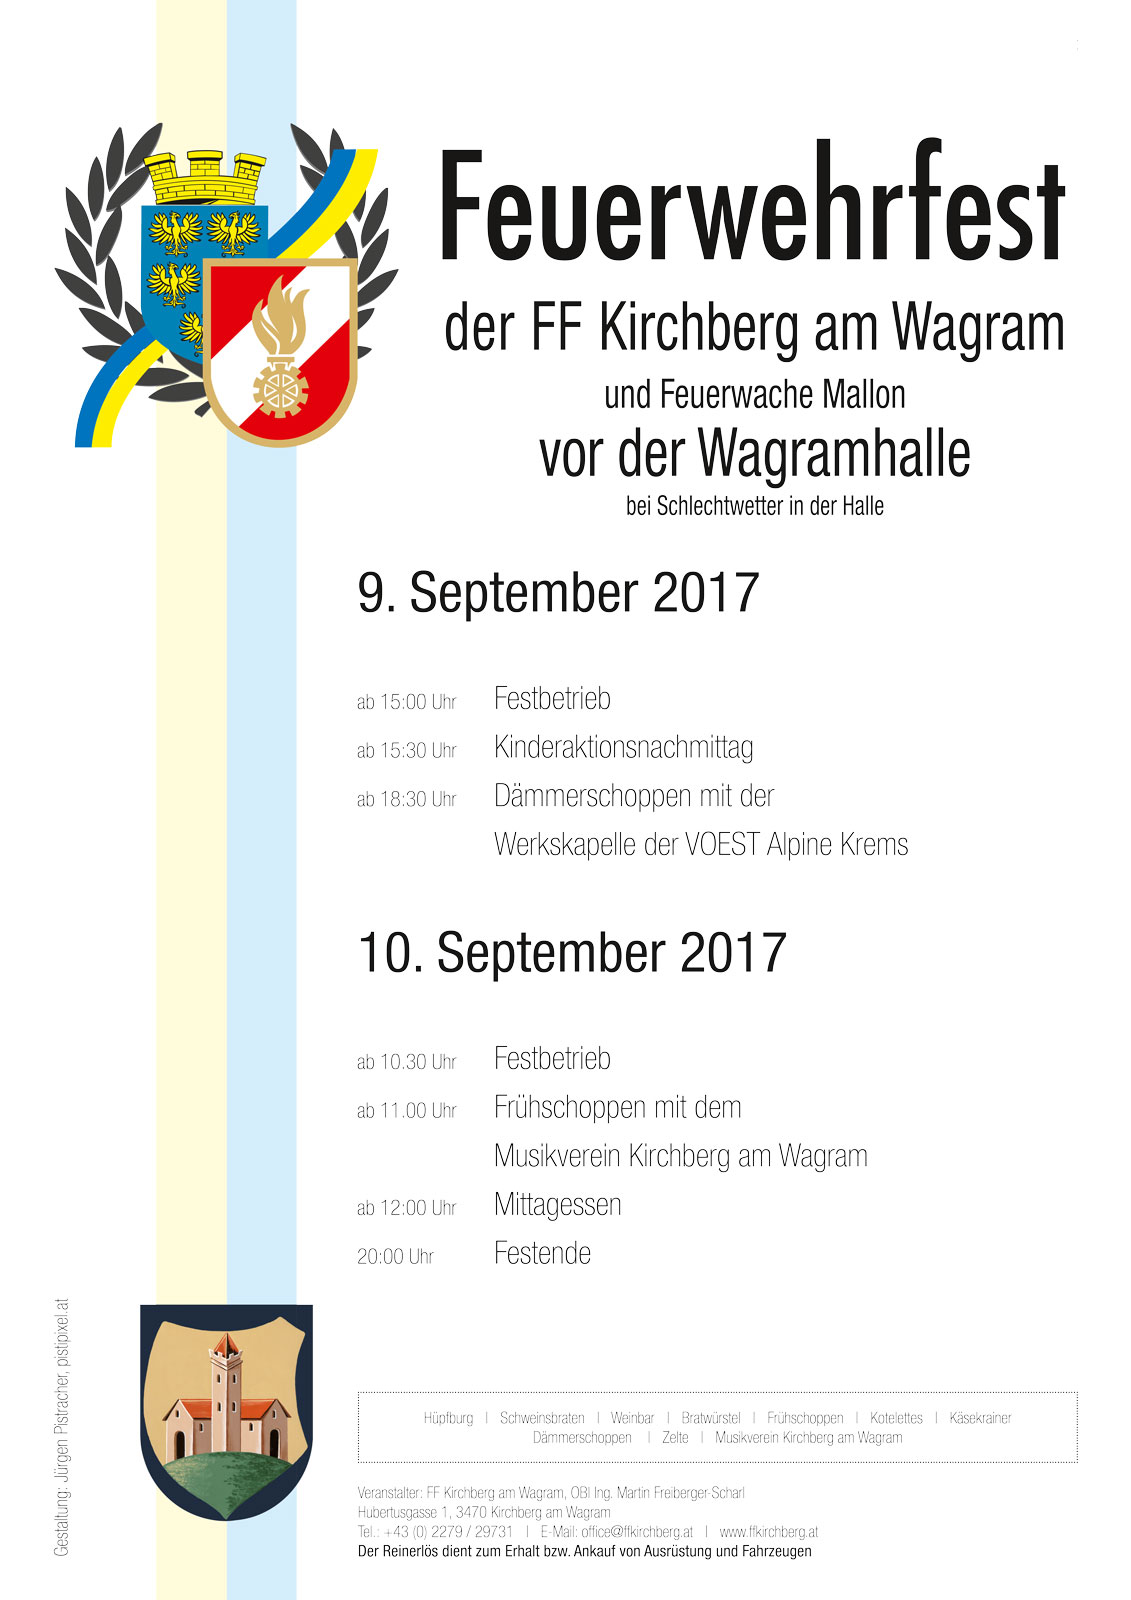 Feuerwehrfest Kirchberg am Wagram 2017